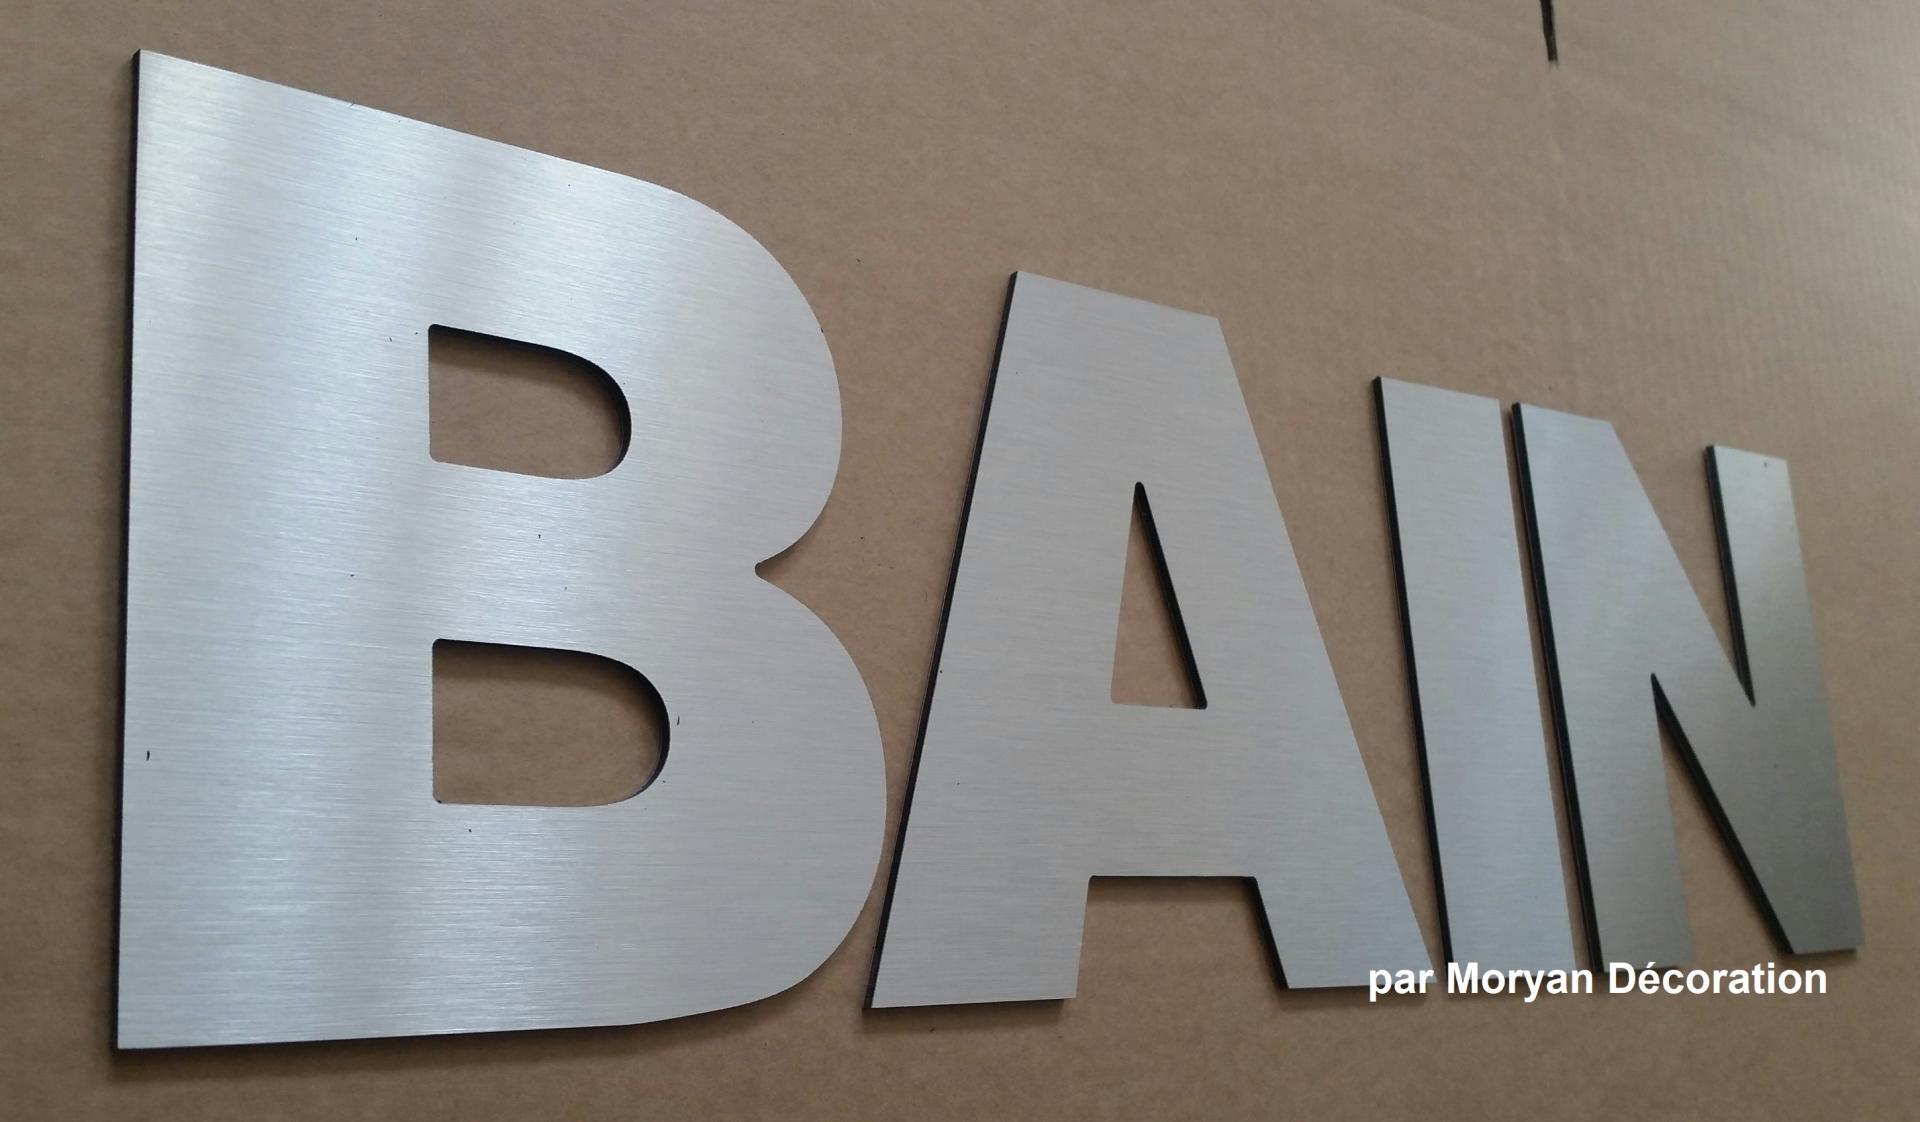 Lettre decorative BAIN